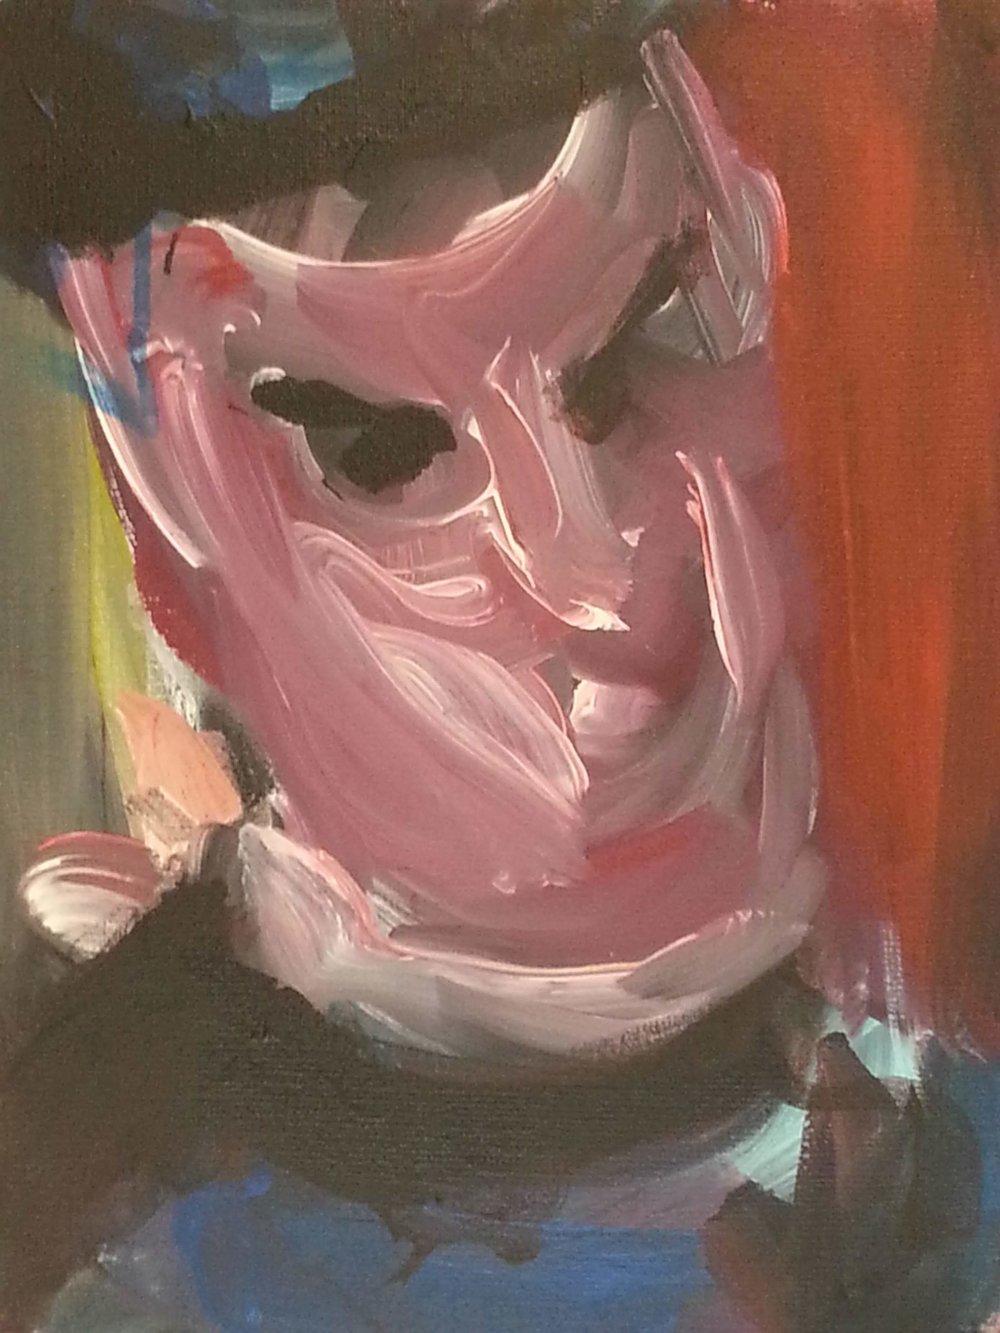 03 Spock_35x27cm Acrylic on canvas 850.jpg